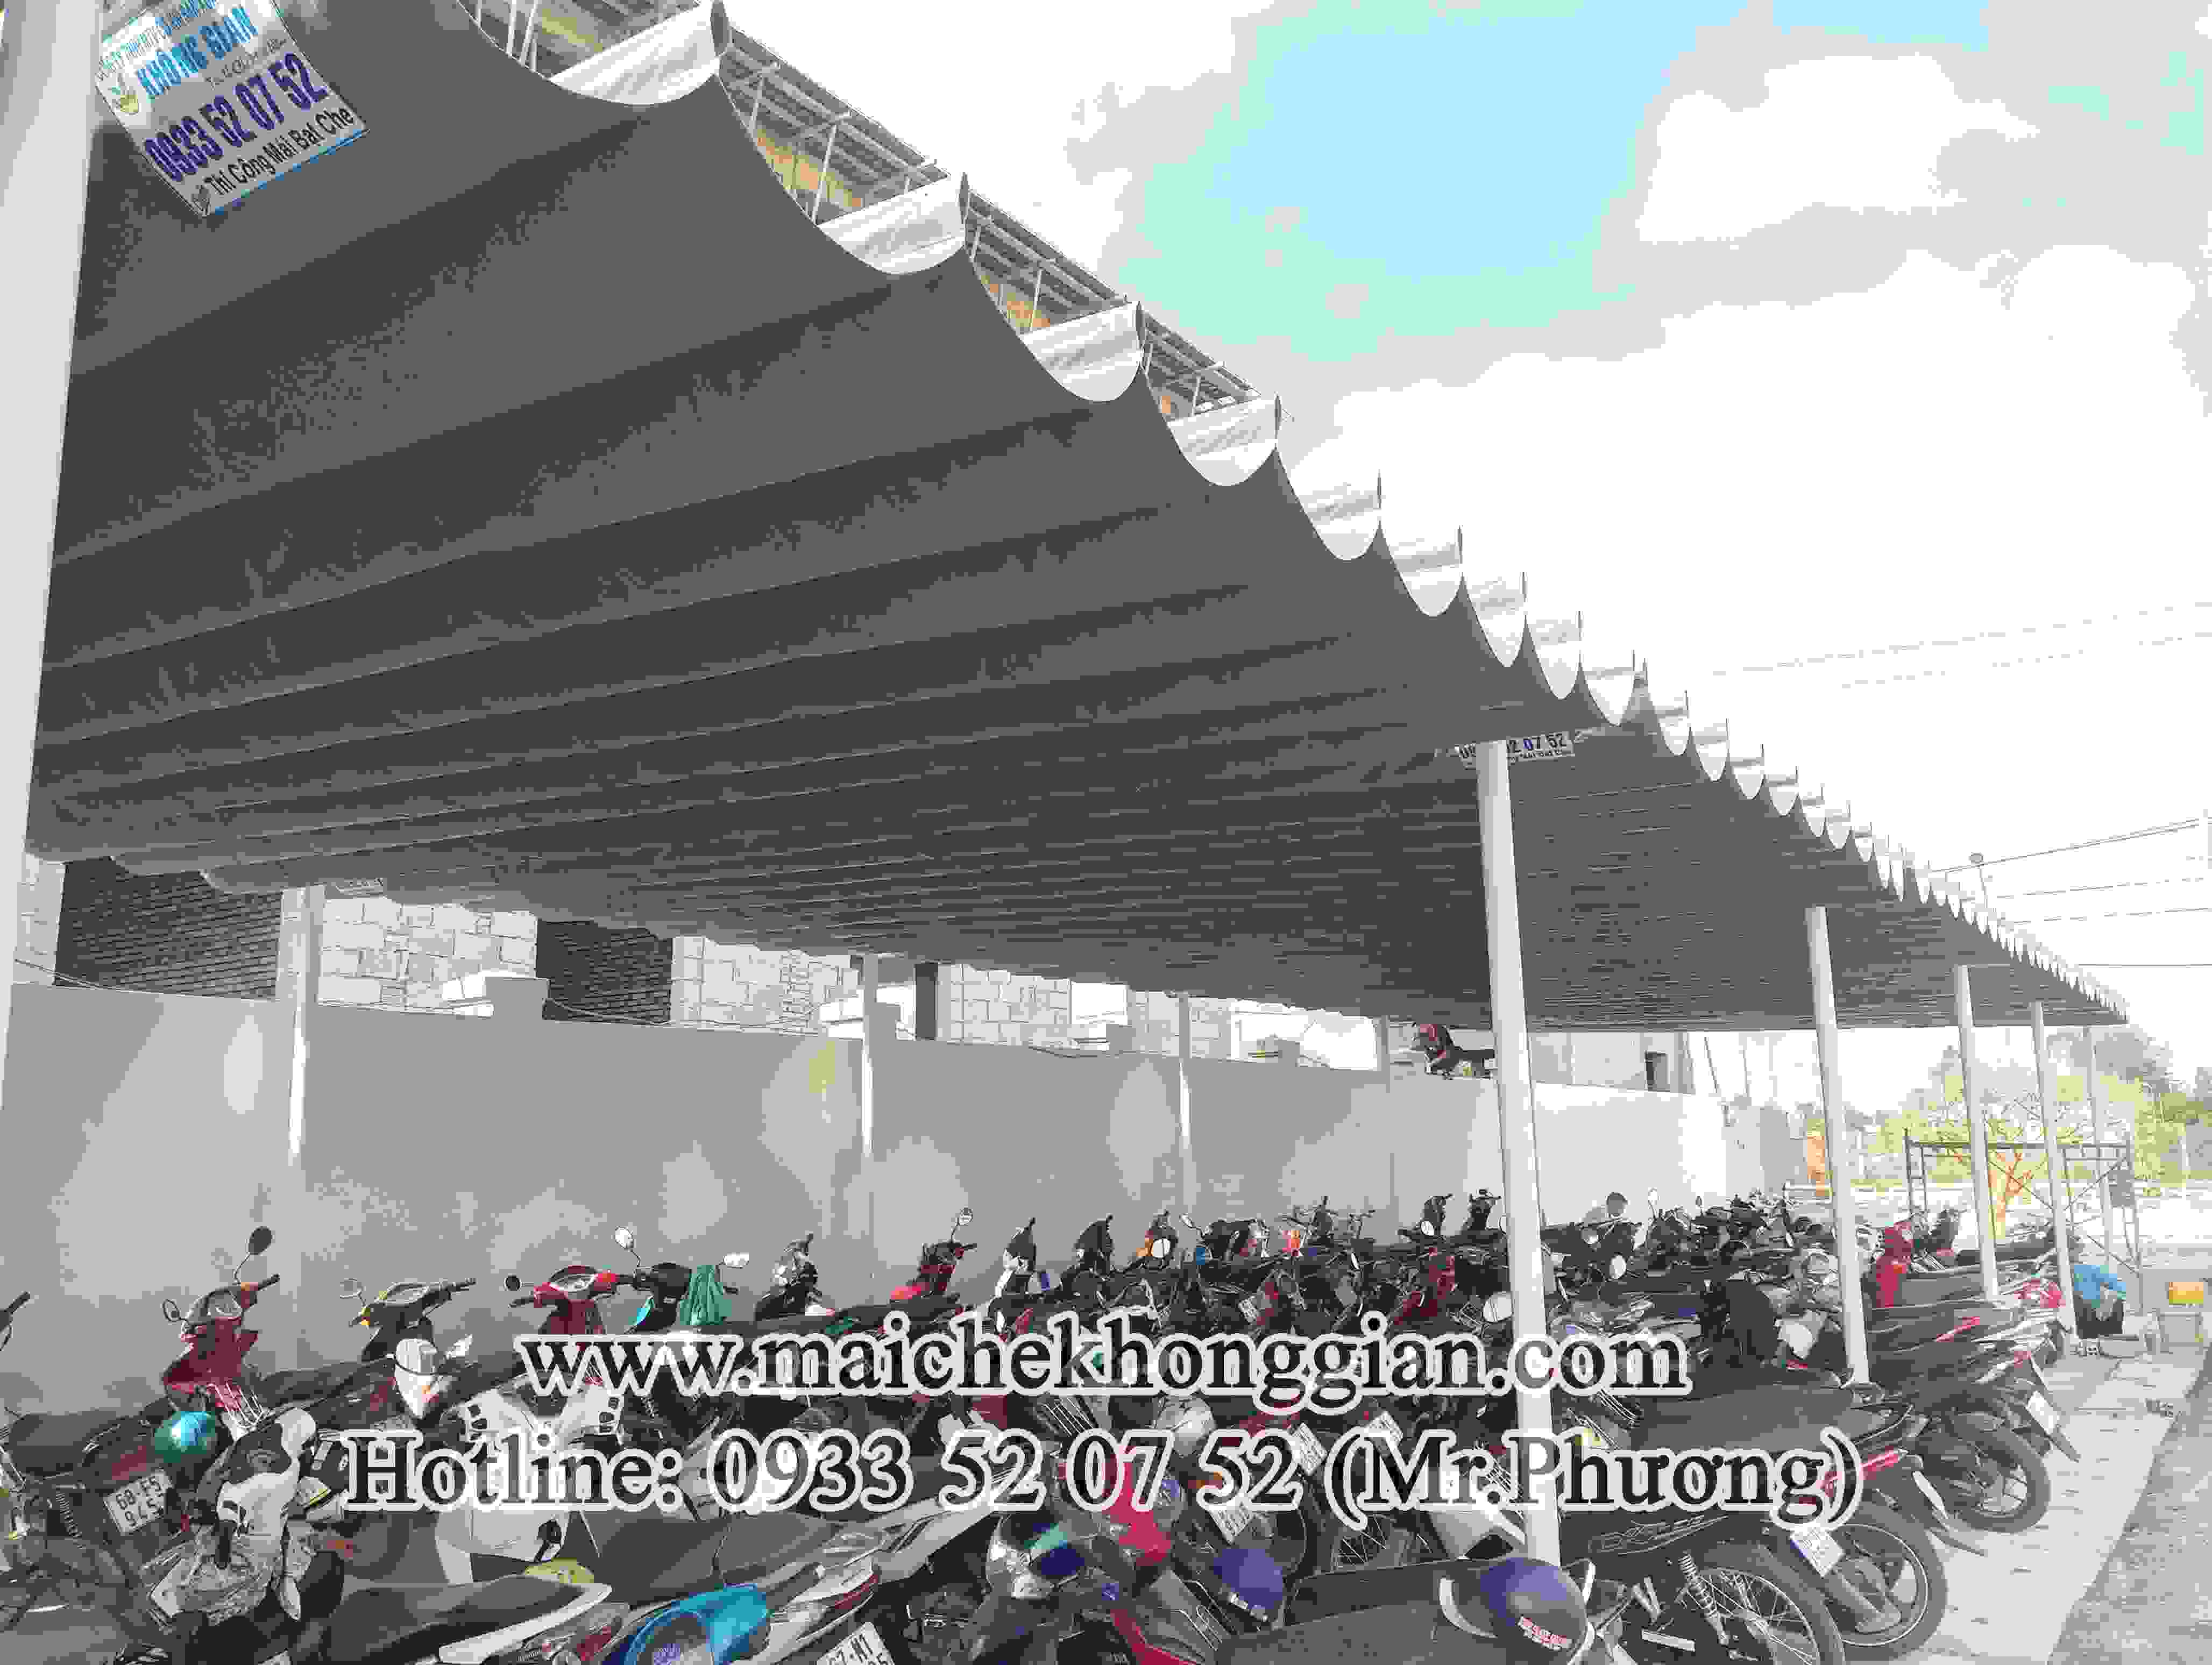 Mái Che Giữ Xe Huyện Châu Thành A Hậu Giang